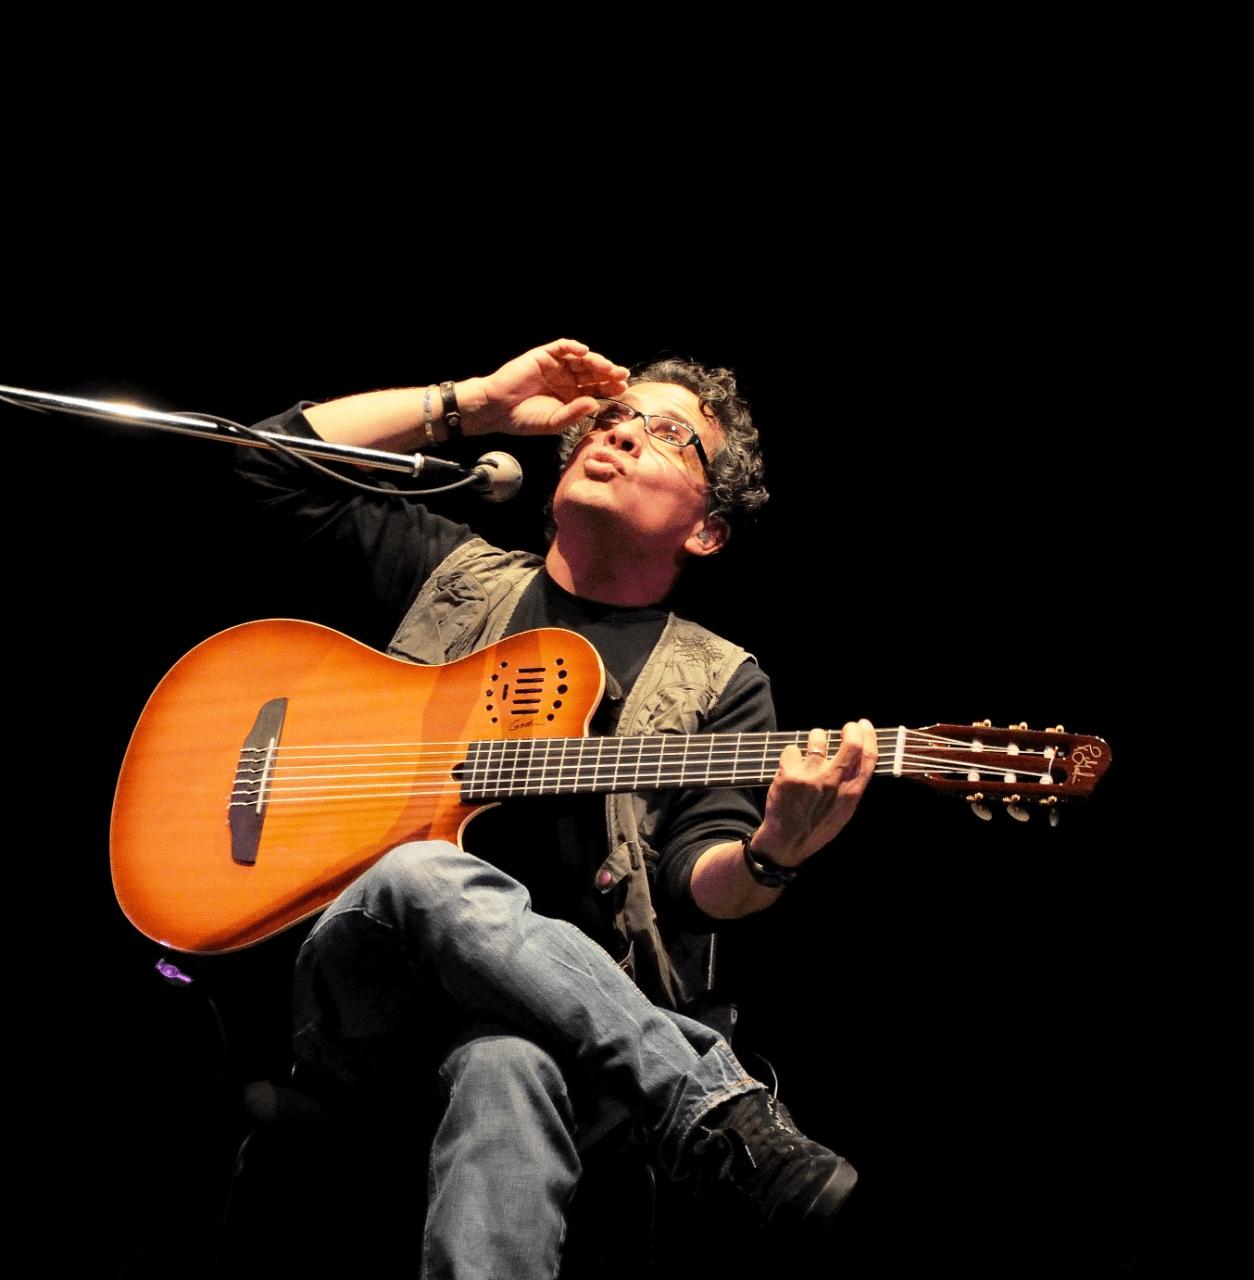 Alejandro Filio